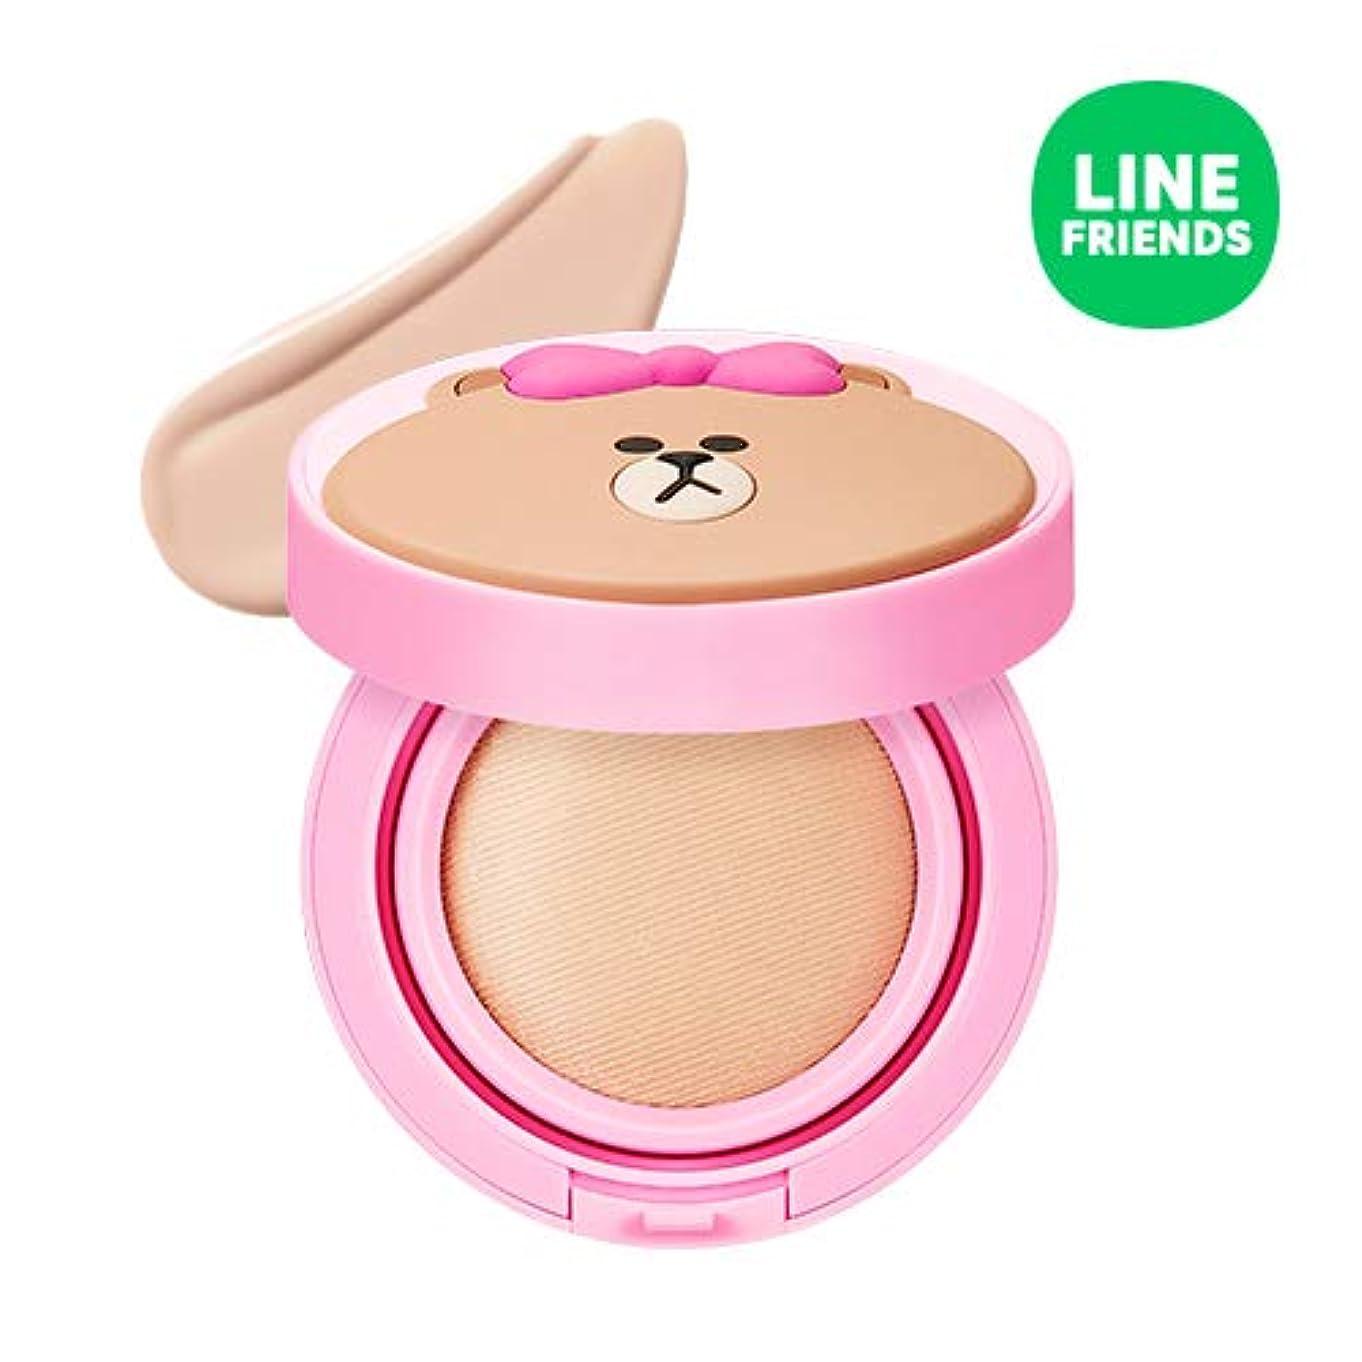 ベスト性別シンプルなミシャ(ラインフレンズ)グローテンション15g / MISSHA [Line Friends Edition] Glow Tension SPF50 PA+++ #Fair(Pink tone No.21) [並行輸入品]